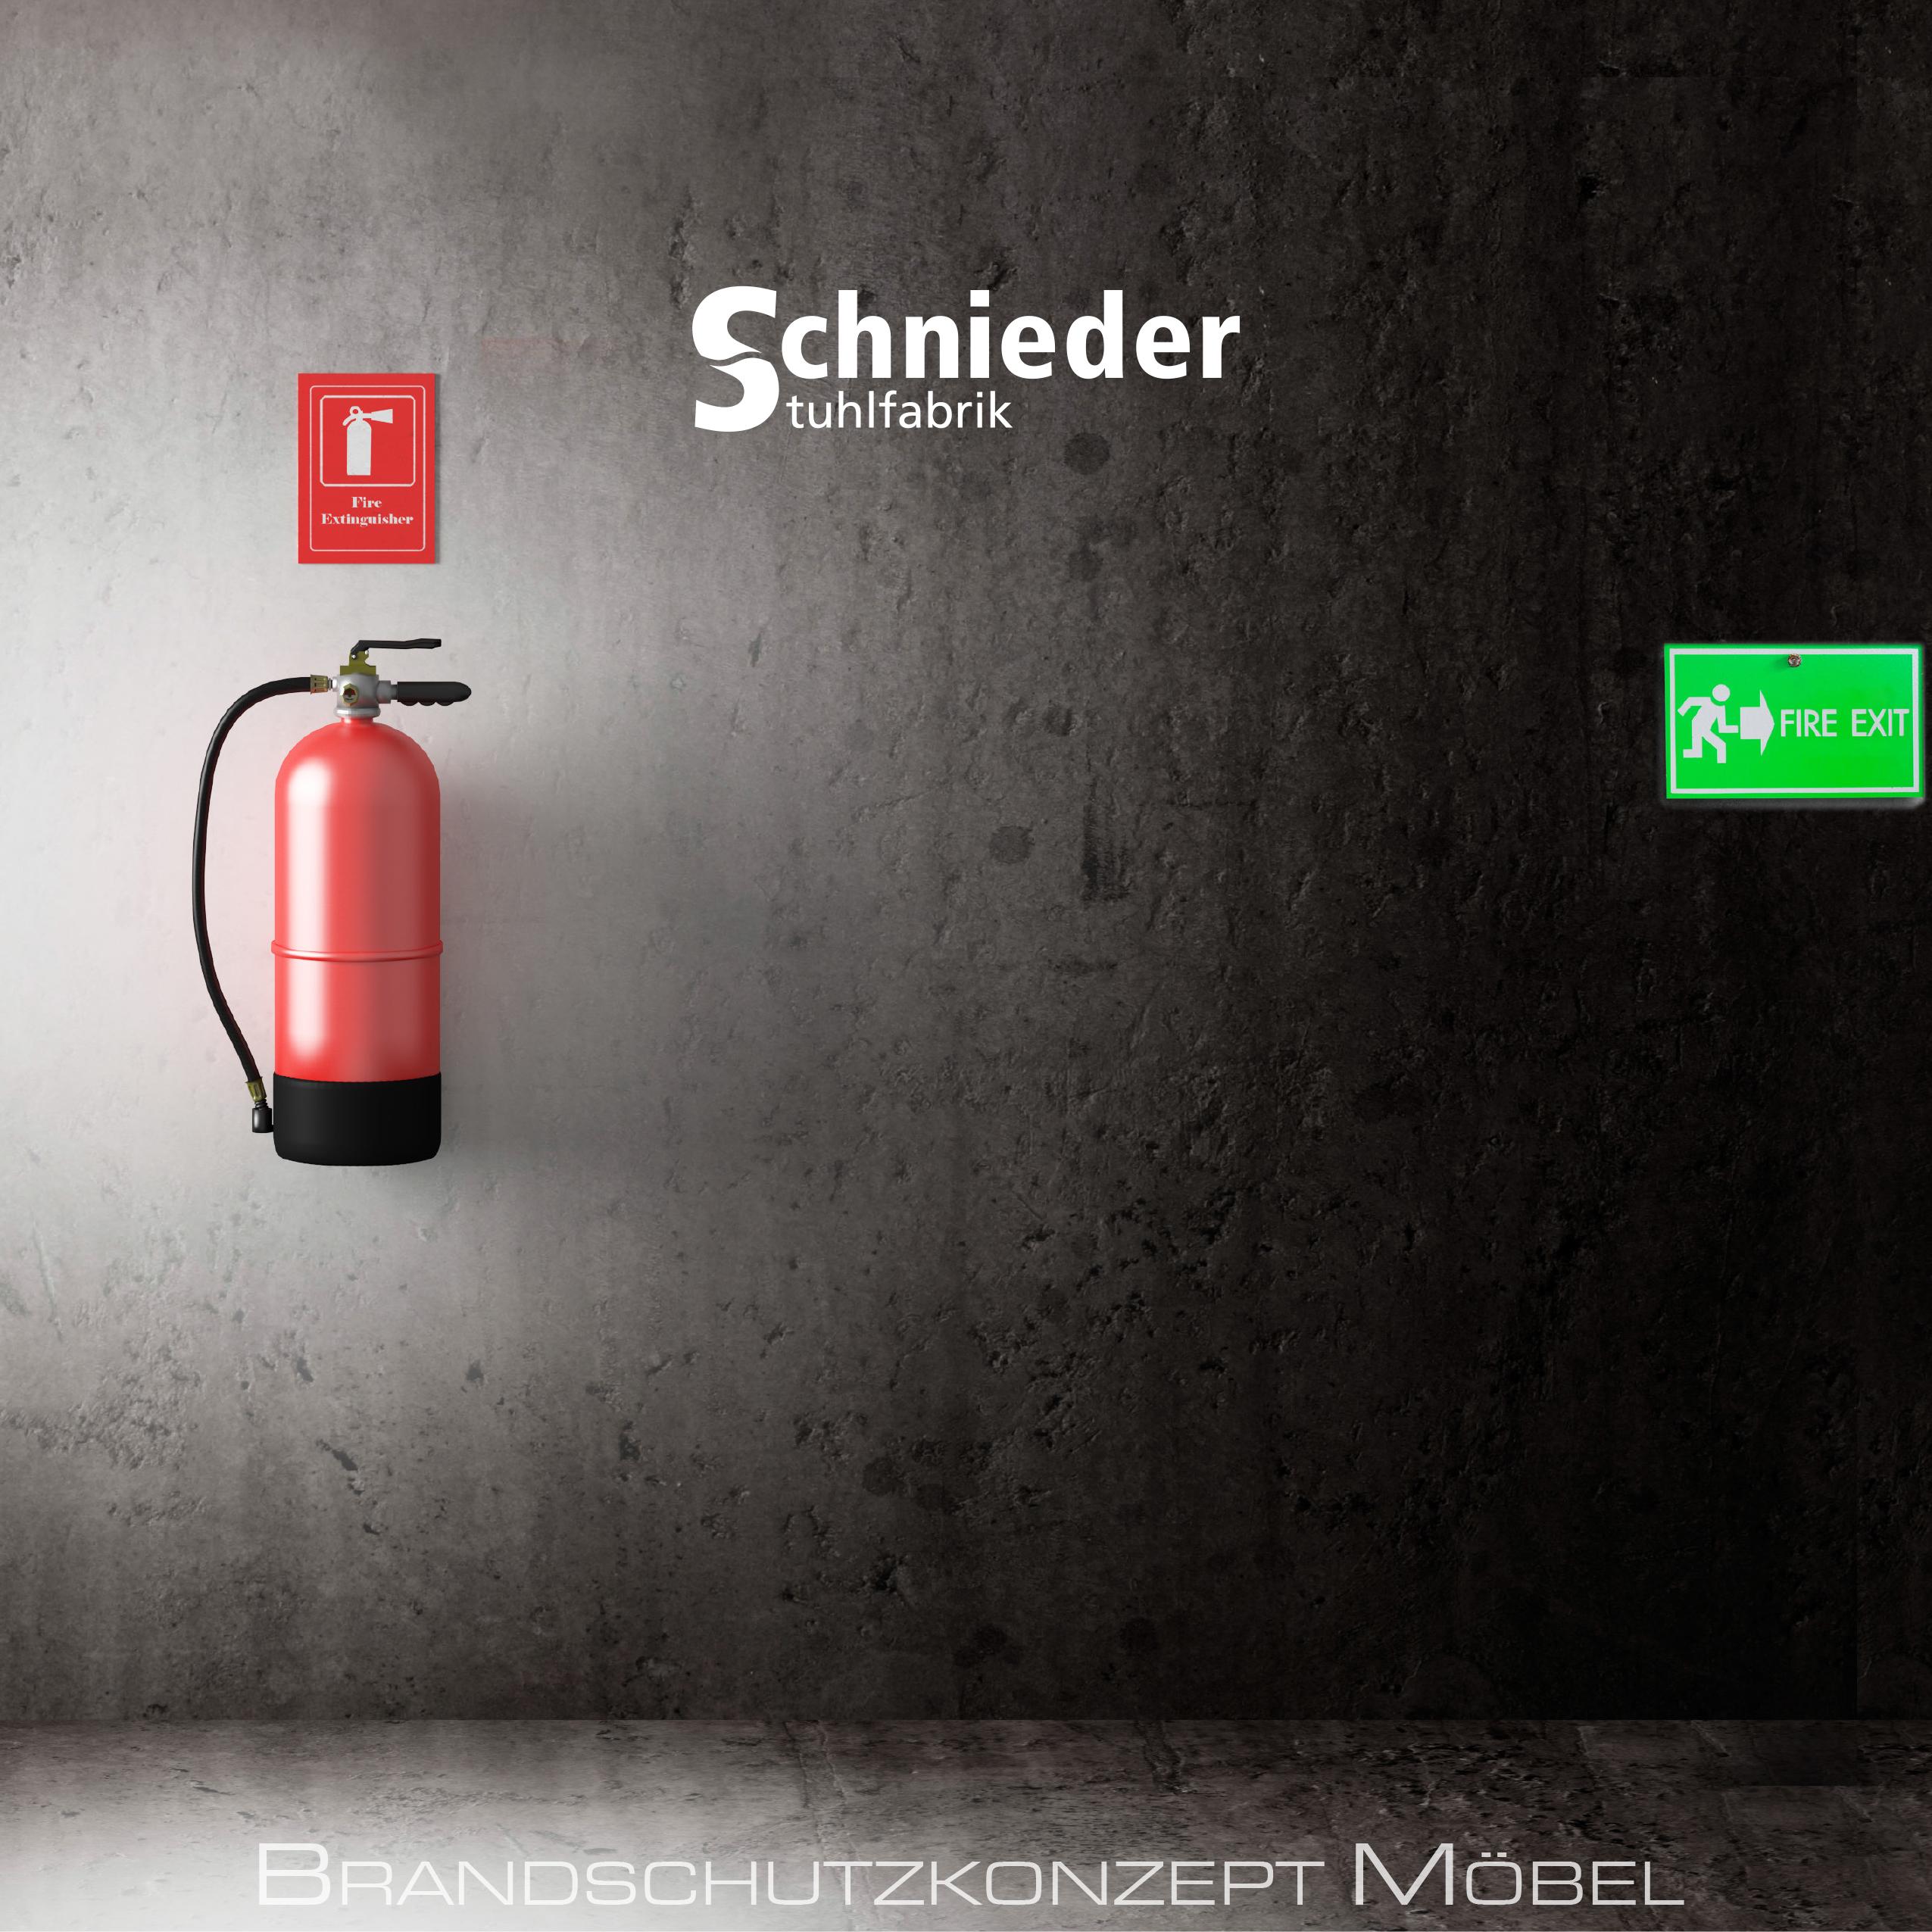 Malerisch Schnieder Stuhlfabrik Das Beste Von Wie Kann Ein Möbel Zur Brandschutzprävention Beitragen,